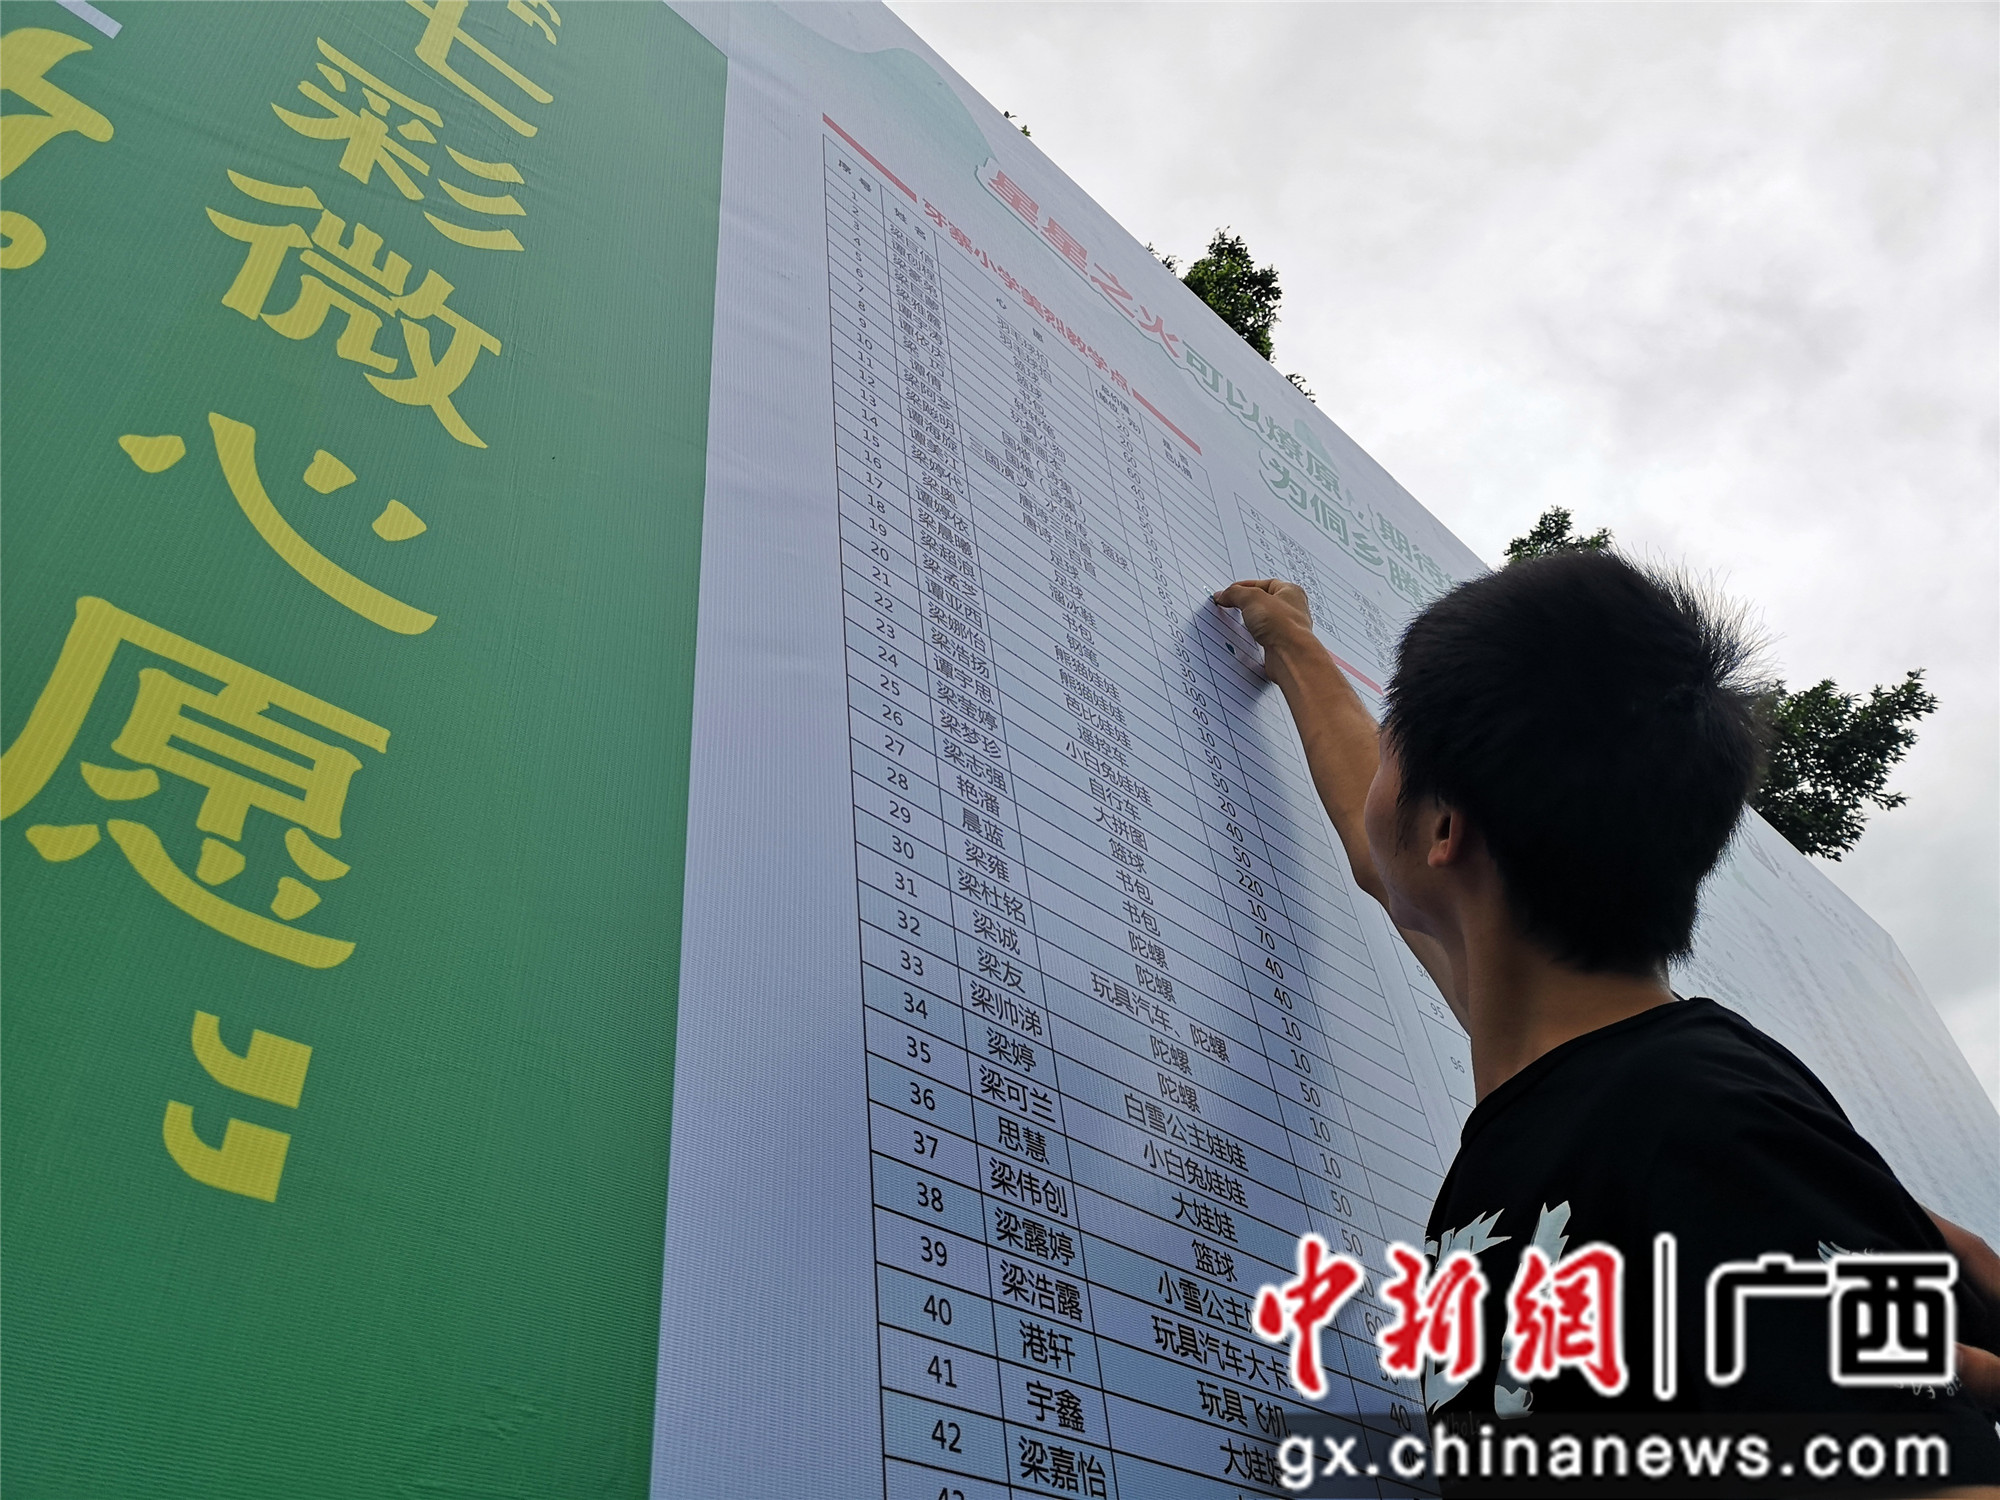 """柳州职业技术学院师生认领数百""""微心愿"""" 助贫困村儿童圆梦"""